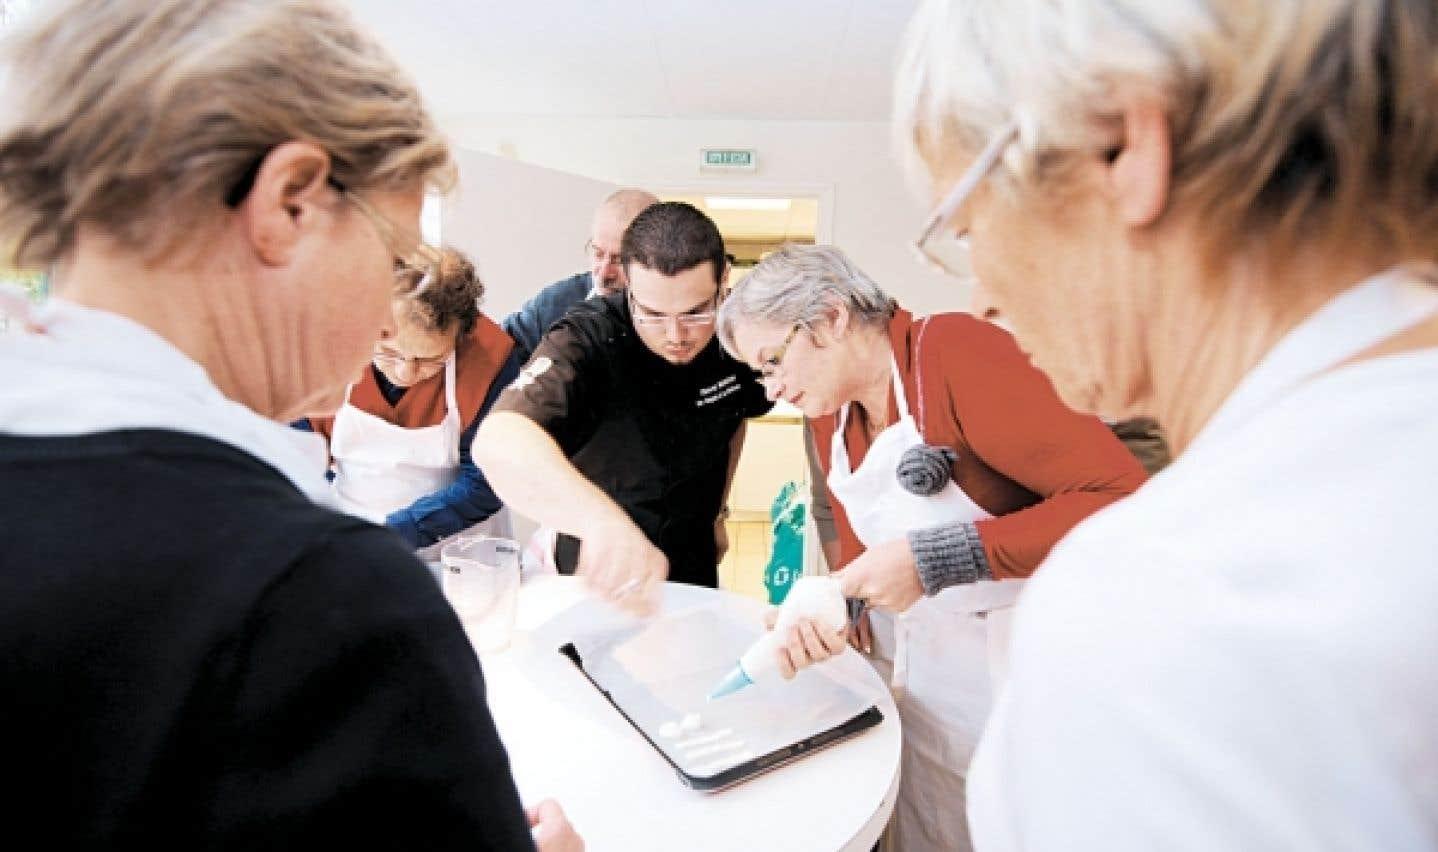 Un cours de cuisine fera plaisir aux amoureux des arts culinaires.